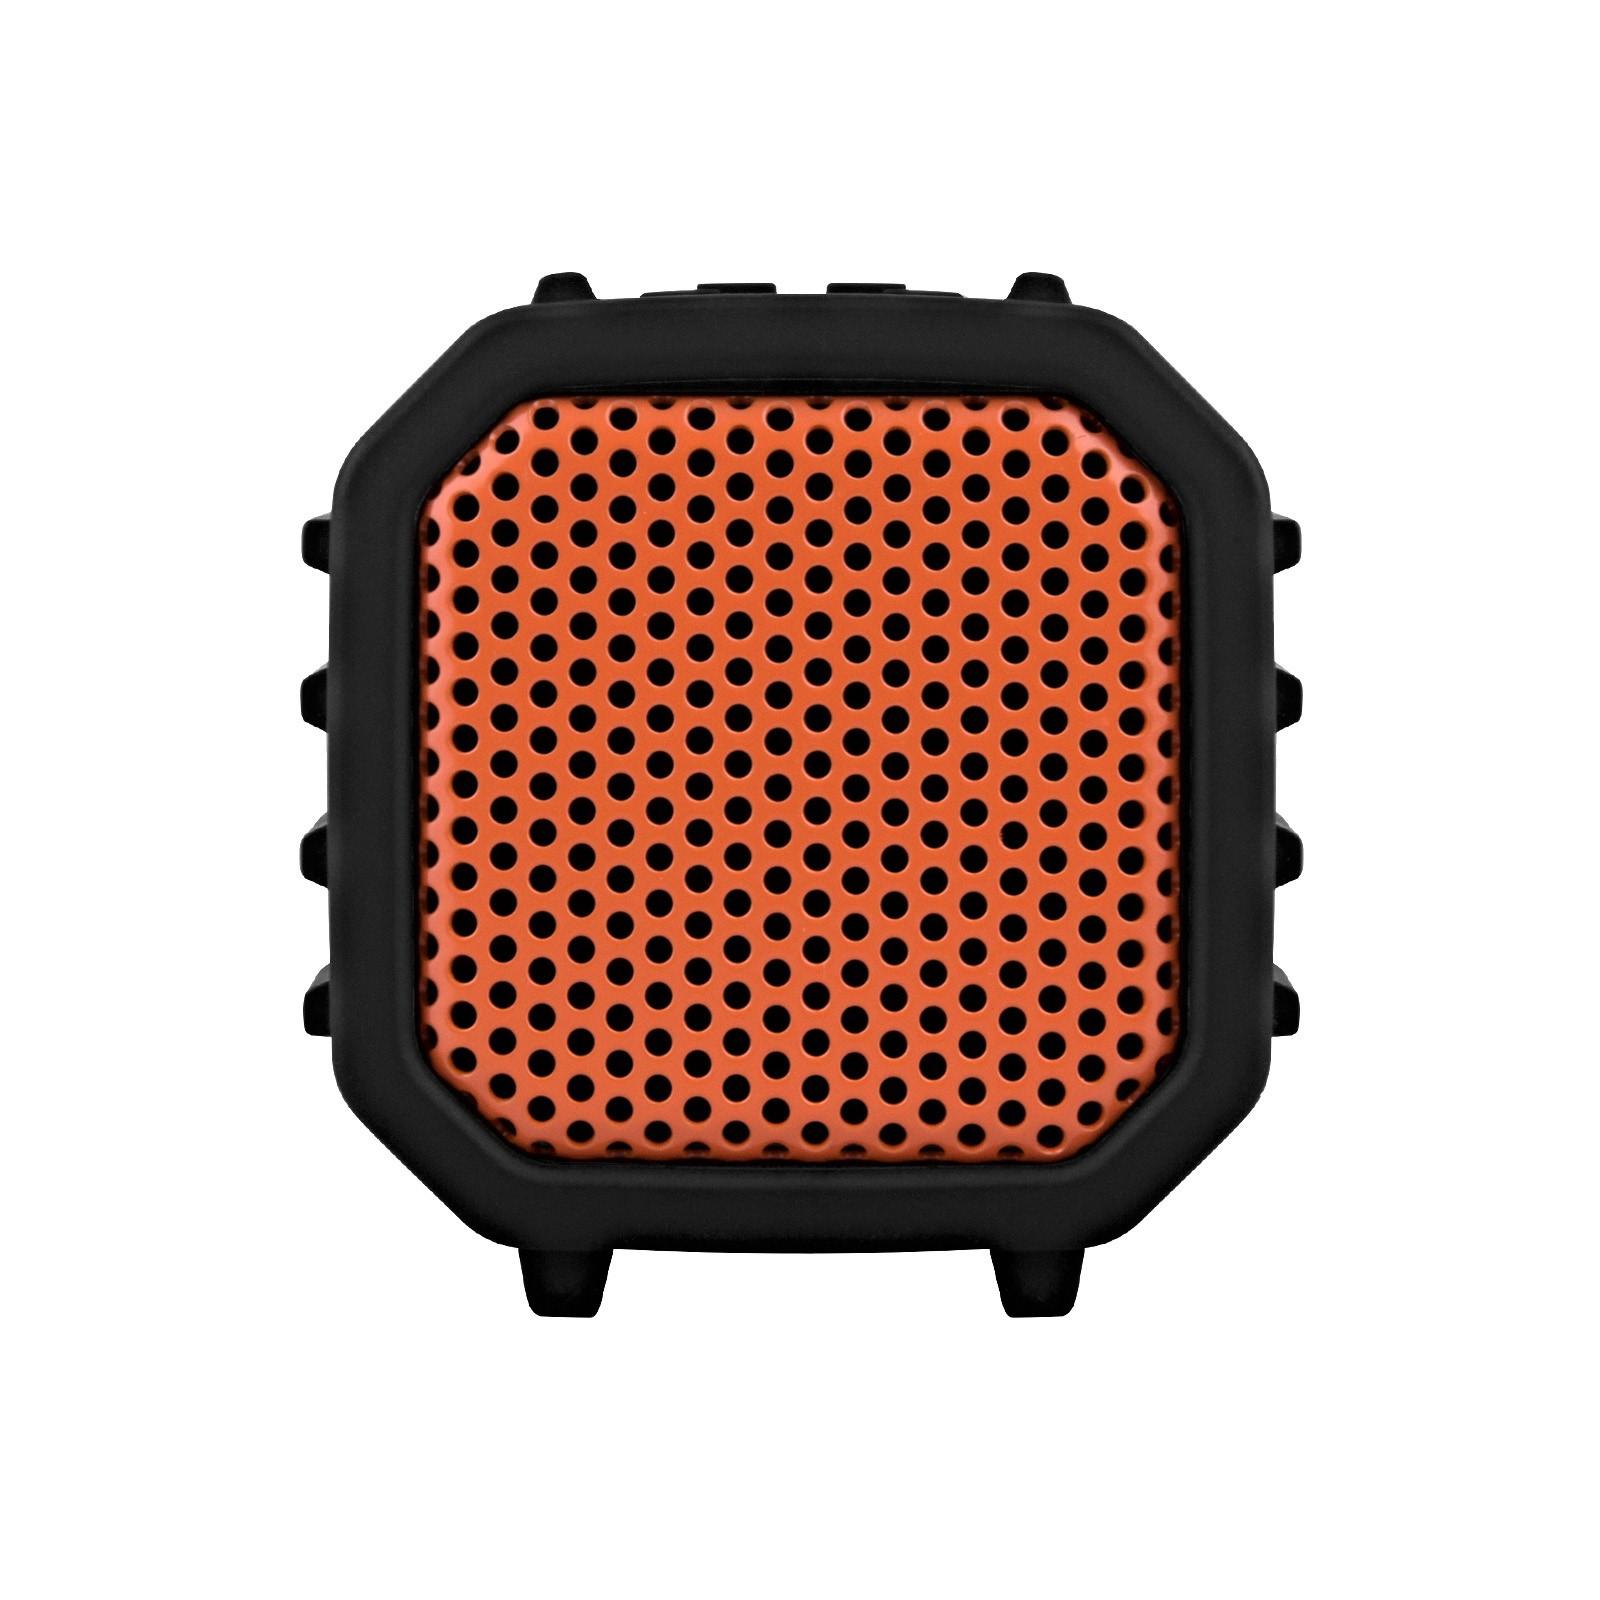 Ecoxgear Ecopebble IPX7 100 Waterproof Rugged Wireless